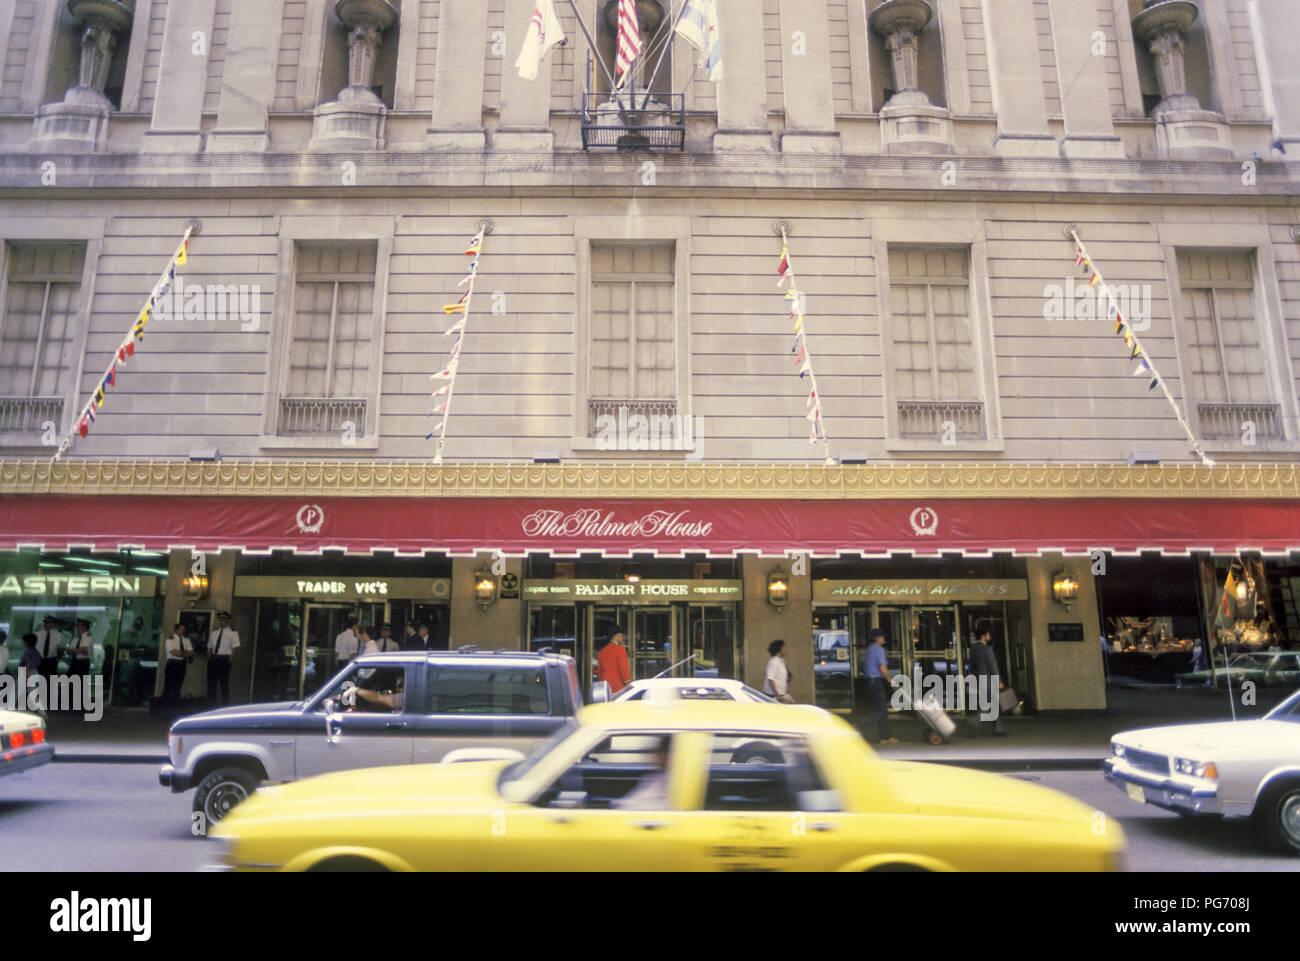 1988 HISTORICAL PALMER HOUSE HOTEL ENTRANCE CHICAGO ILLINOIS USA - Stock Image